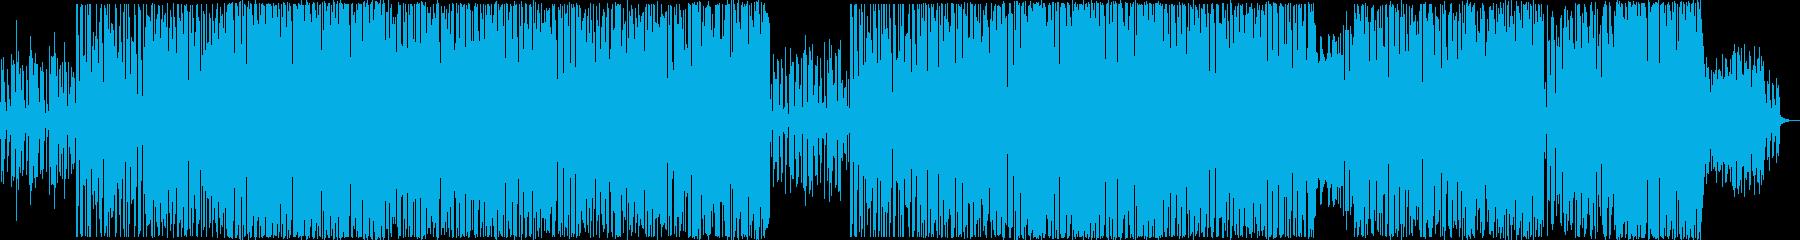 ハウス、アップテンポでかわいいポップな曲の再生済みの波形